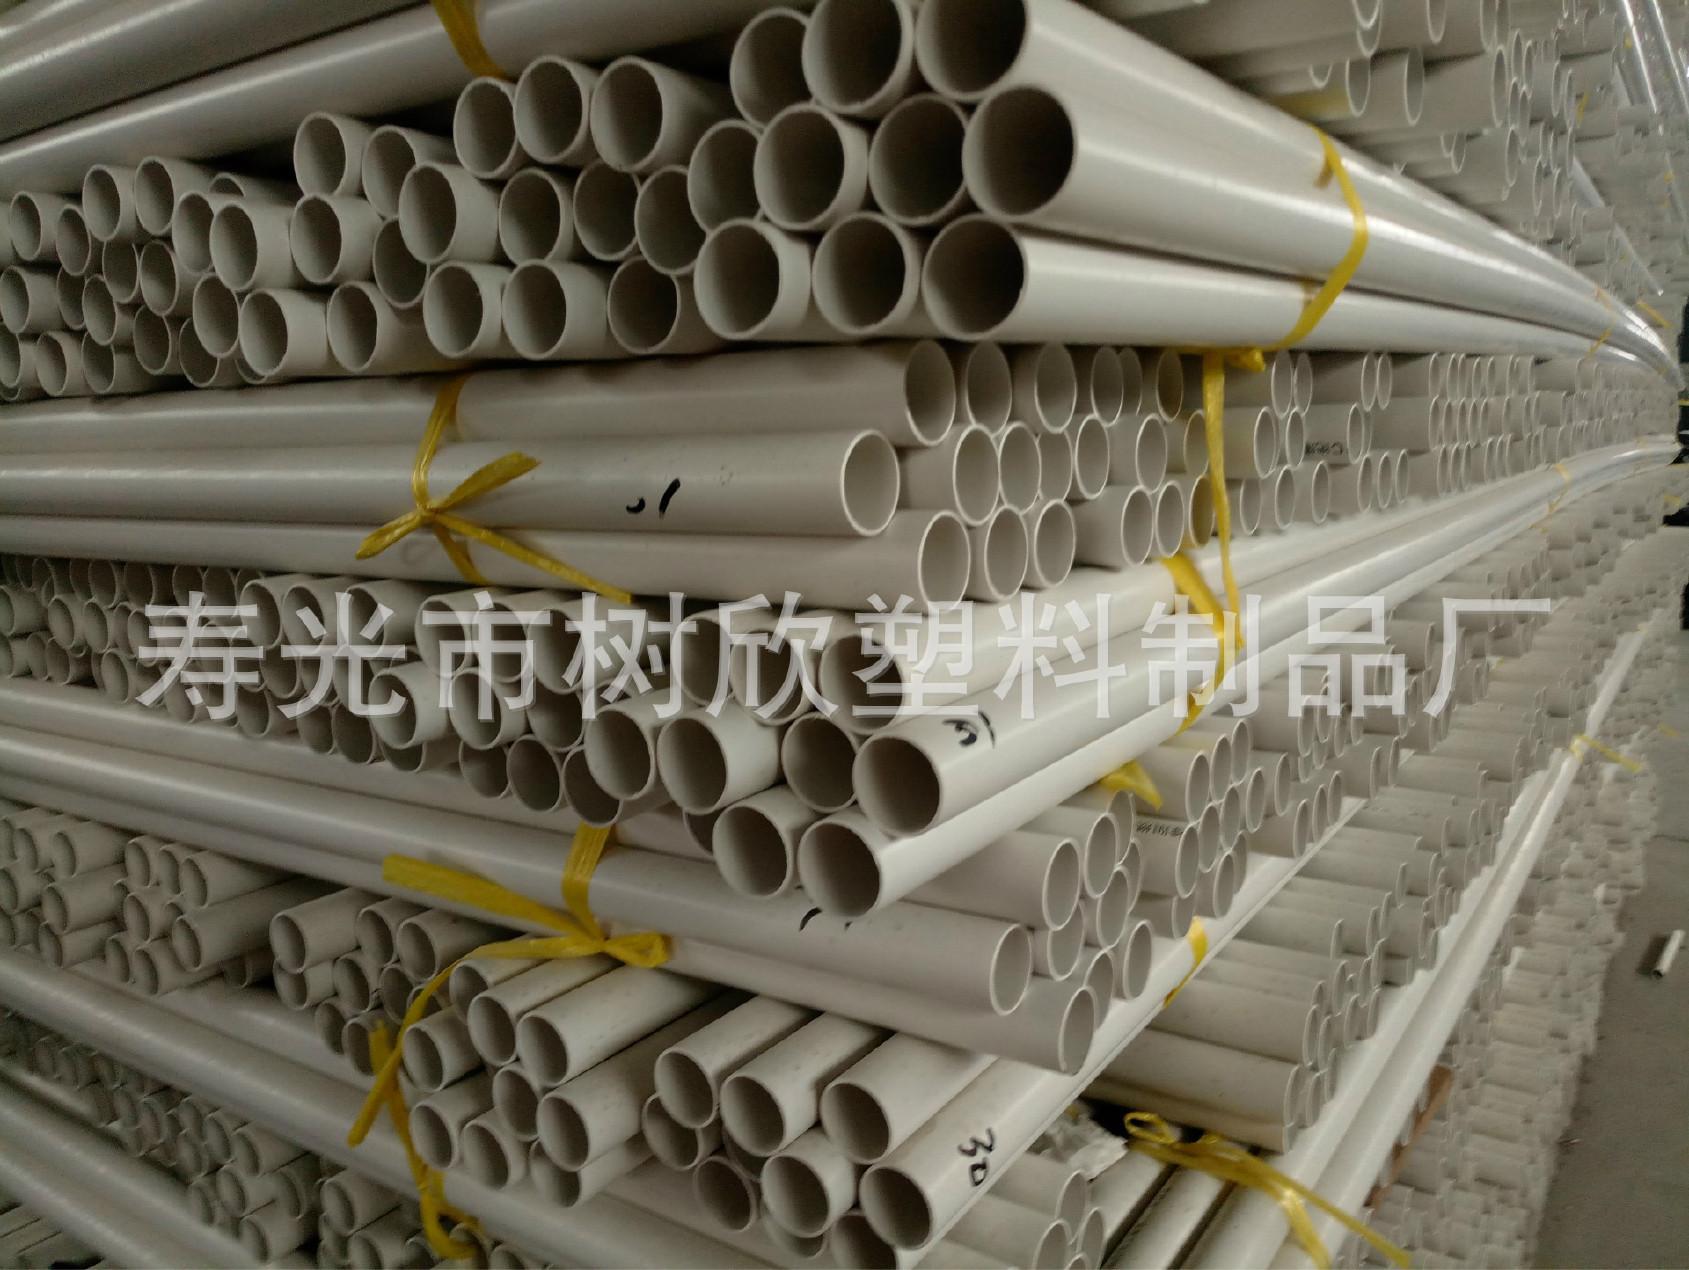 pvc电工套管 pvc阻燃建筑用绝缘电工套管 PVC电线管穿线管批发示例图44